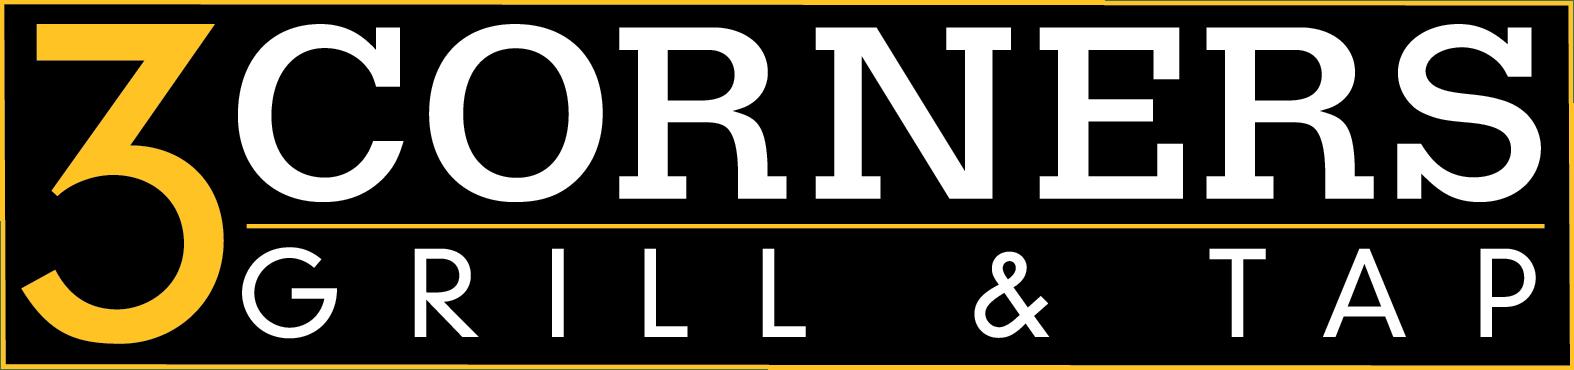 Beer Menu - 3 Corners Grill & Tap - Lemont